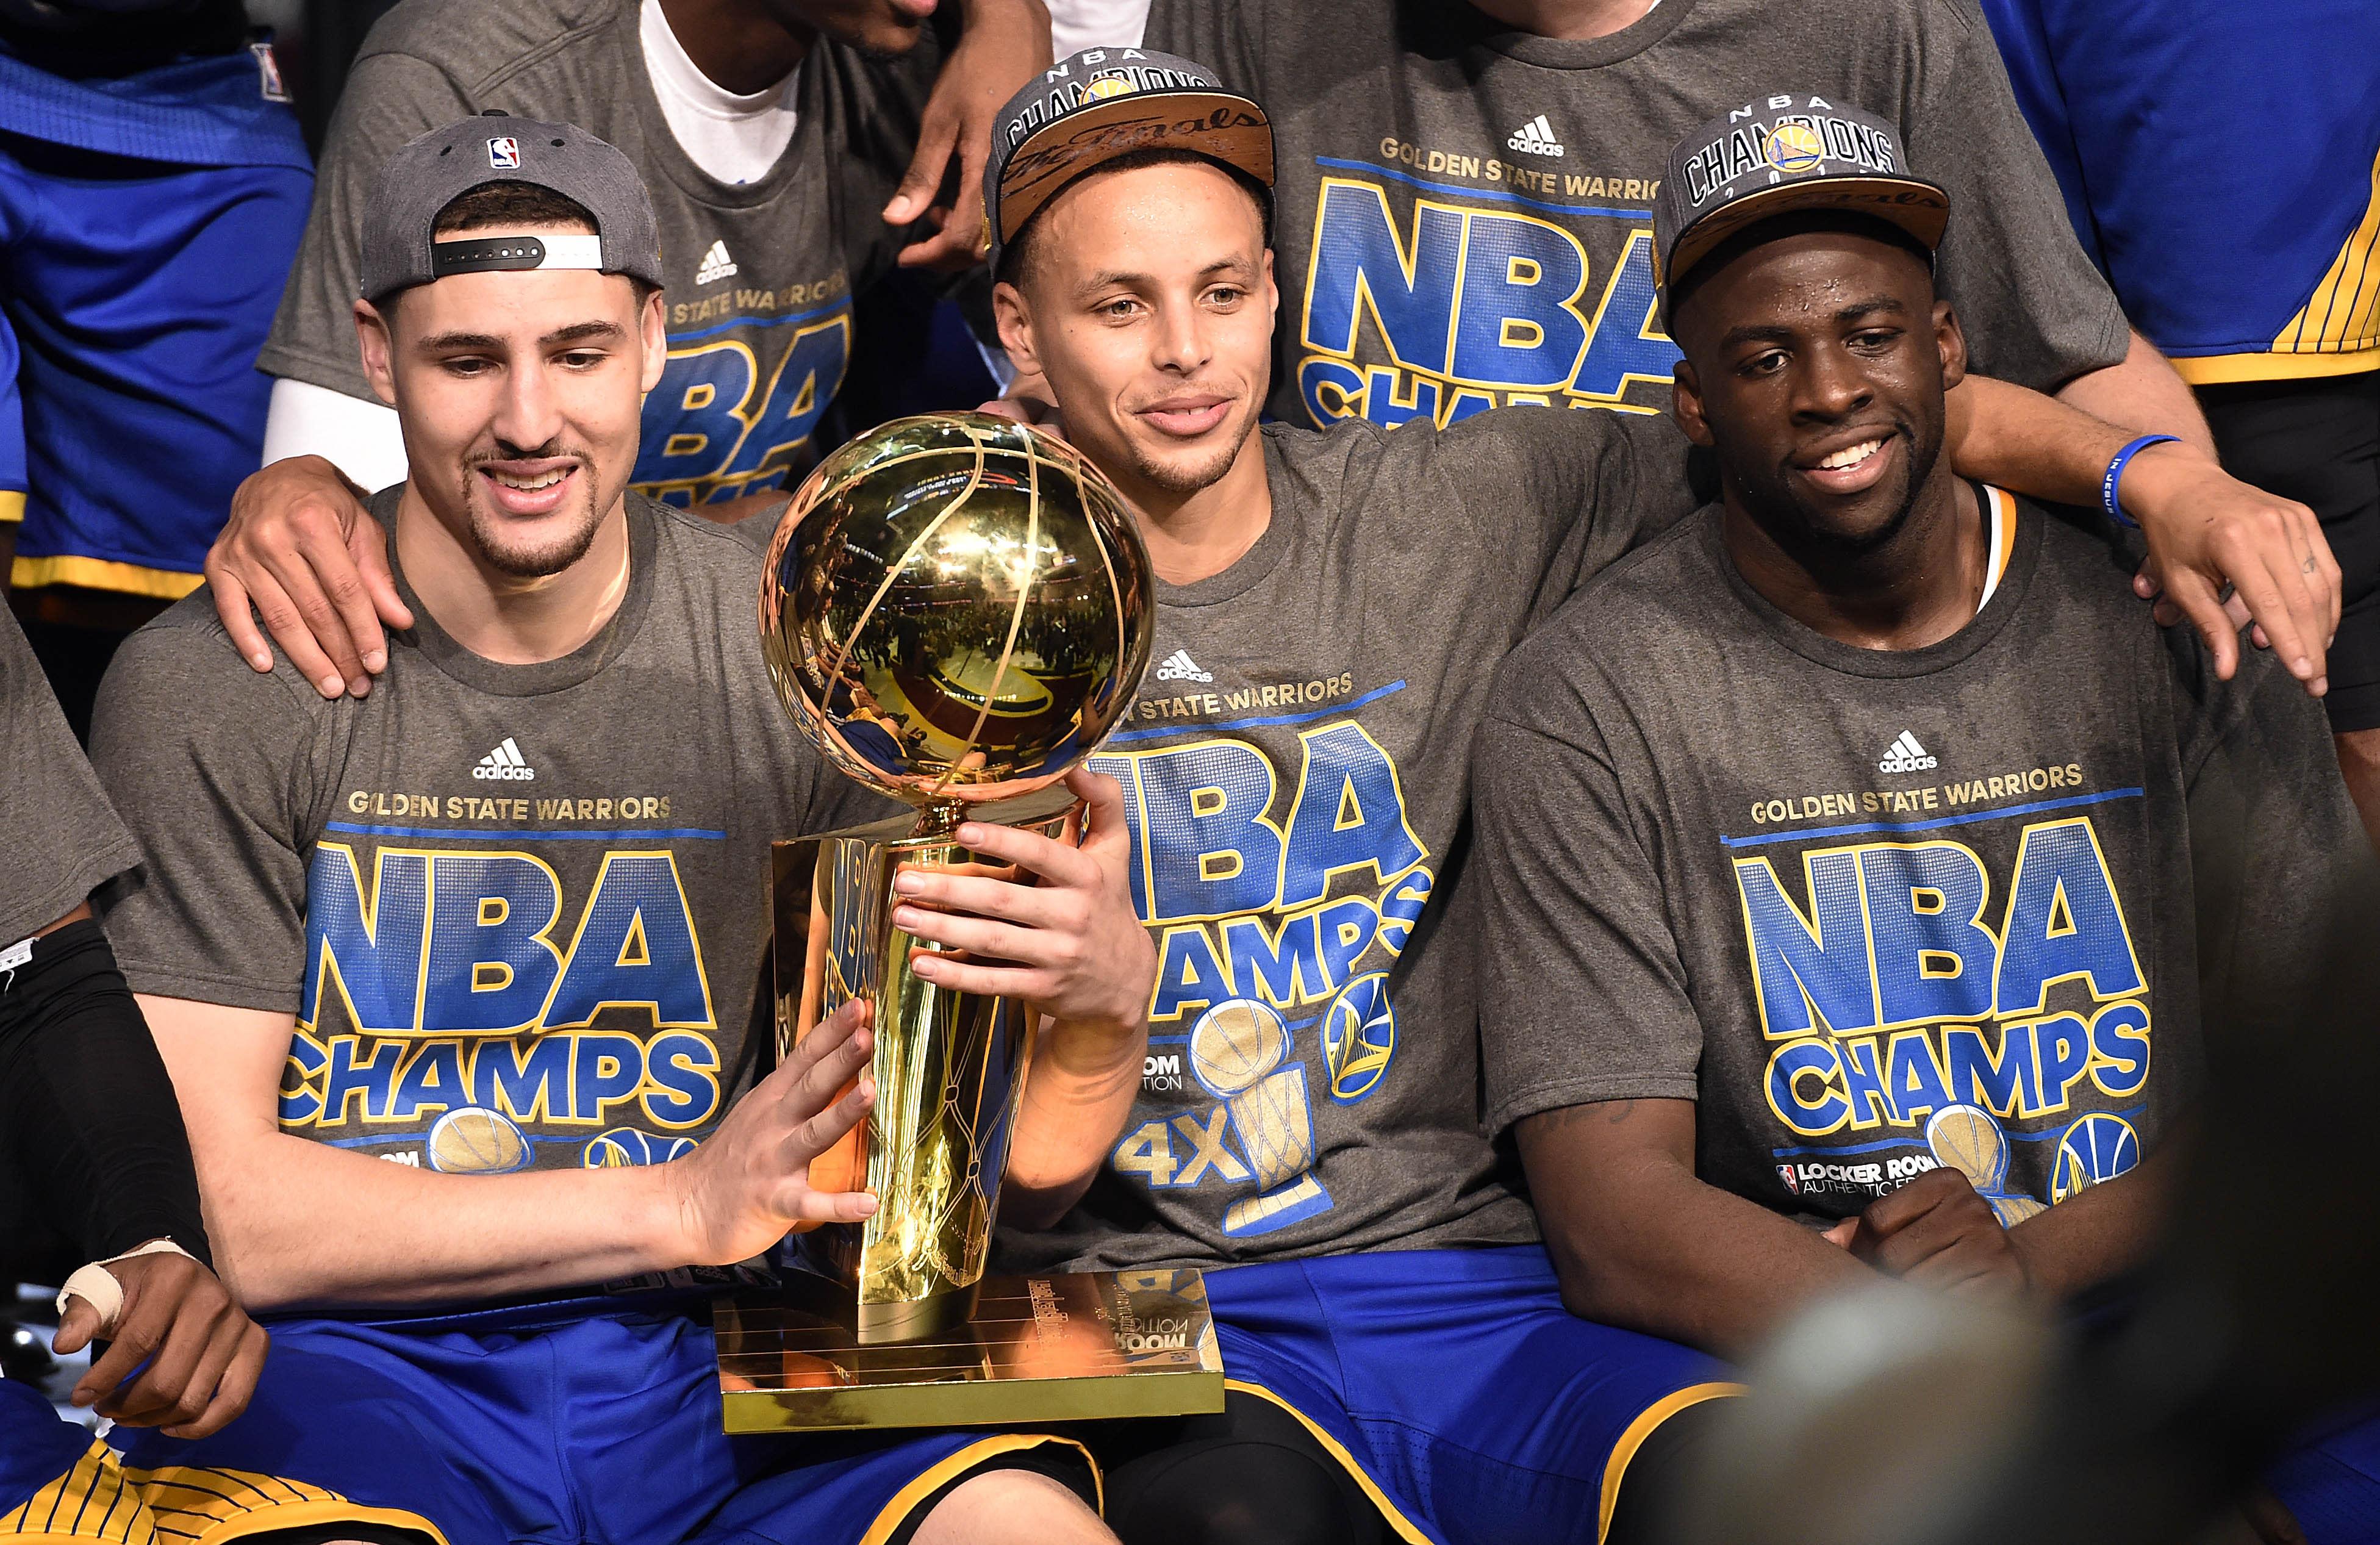 勇士名記:如果能換來字母哥搭檔Curry,送走湯普森+追夢綠也無妨!-黑特籃球-NBA新聞影音圖片分享社區